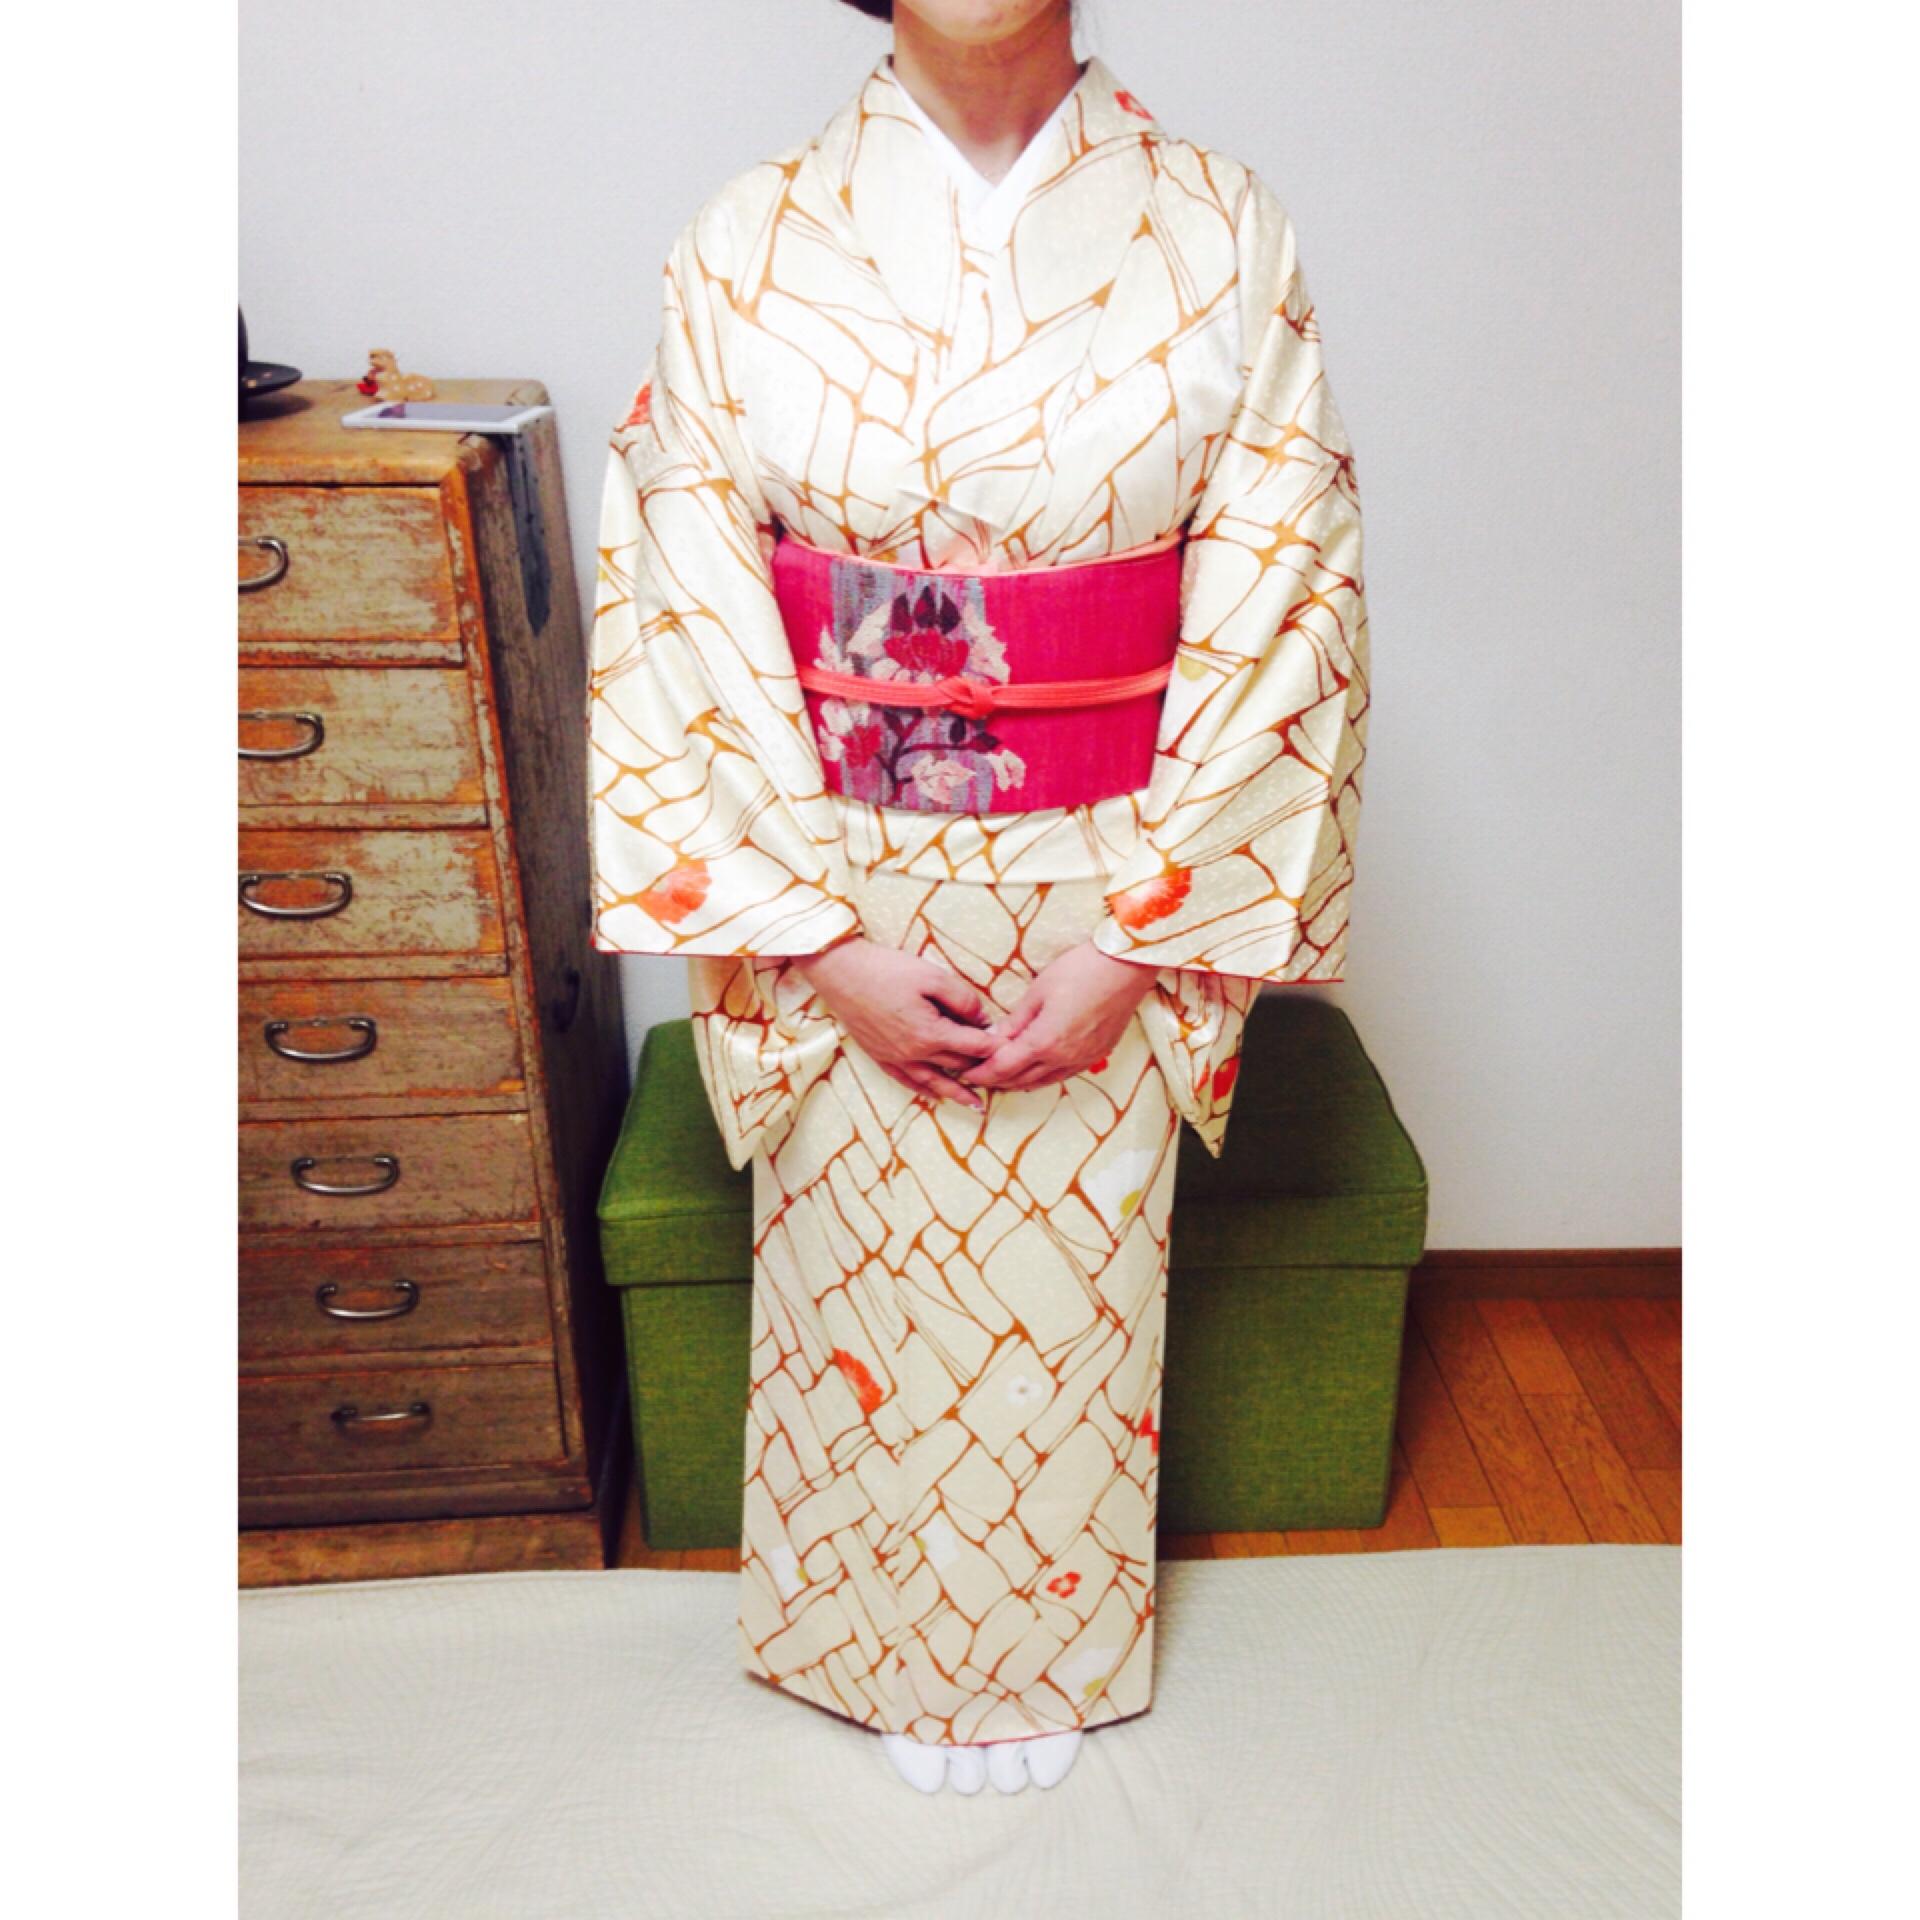 裾つぼまりのラインが回を追うごとに綺麗に【大阪京橋の着付け教室きものたまより】